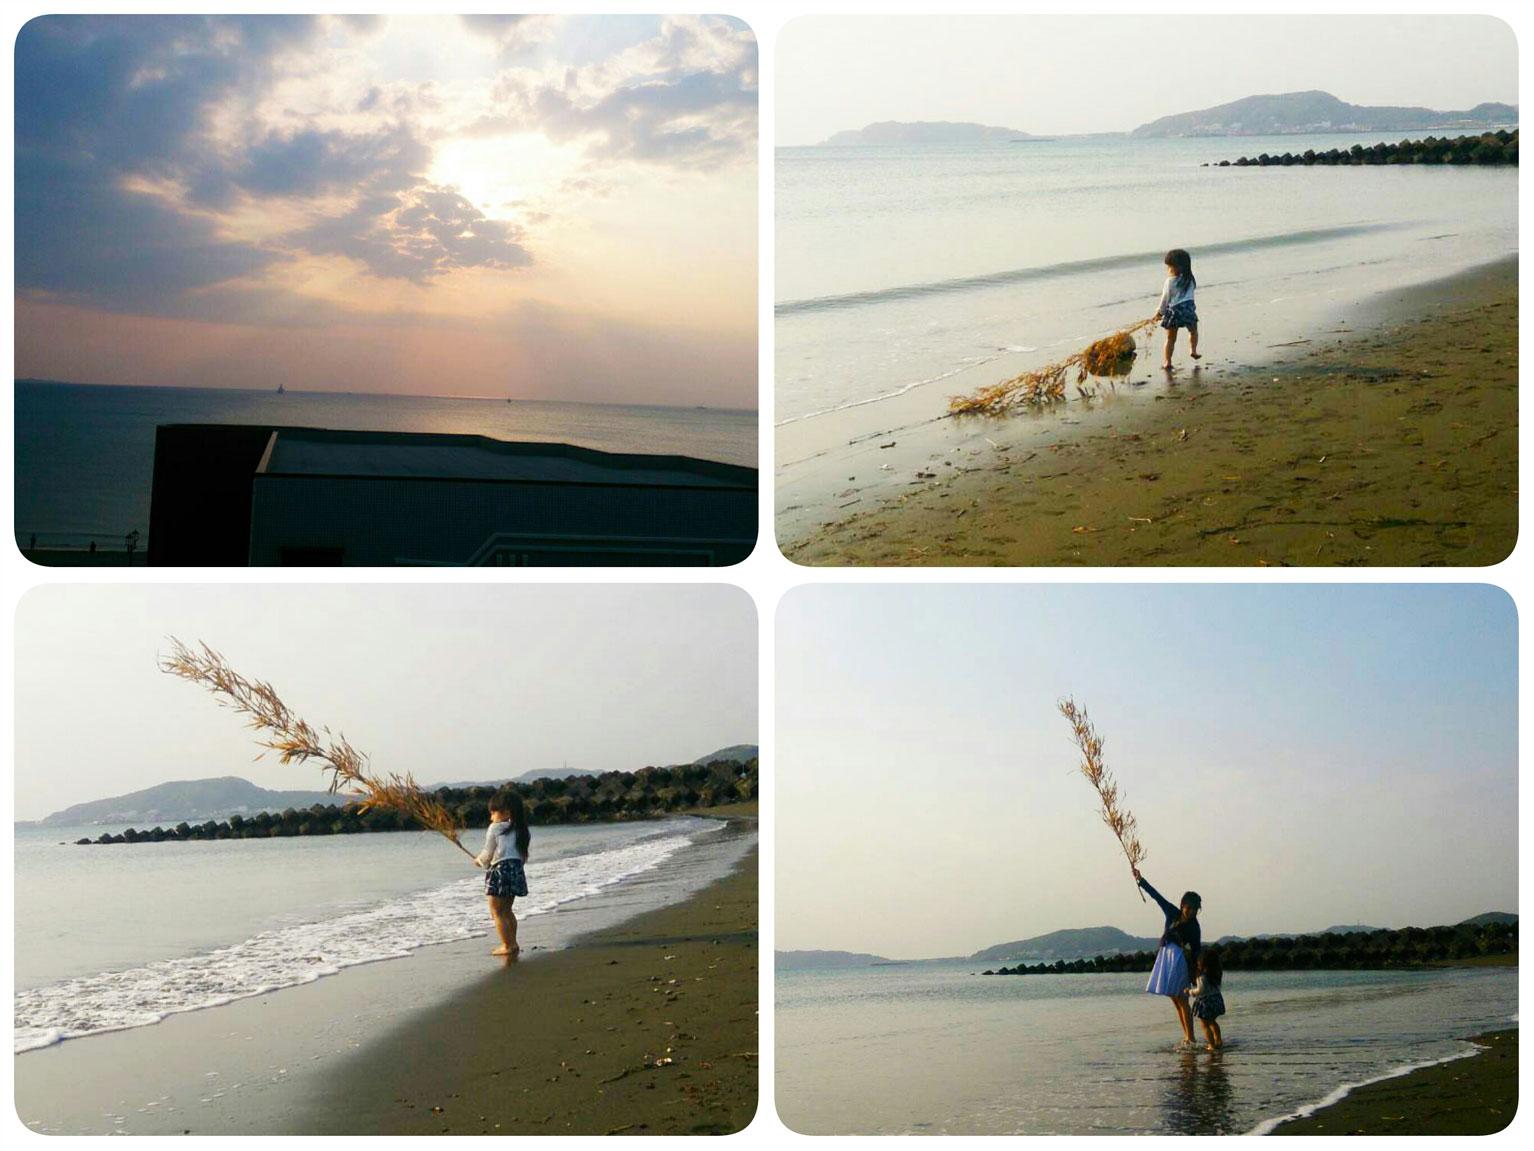 館山旅行! 初めての海(*´∇`*)_d0224894_21291046.jpg